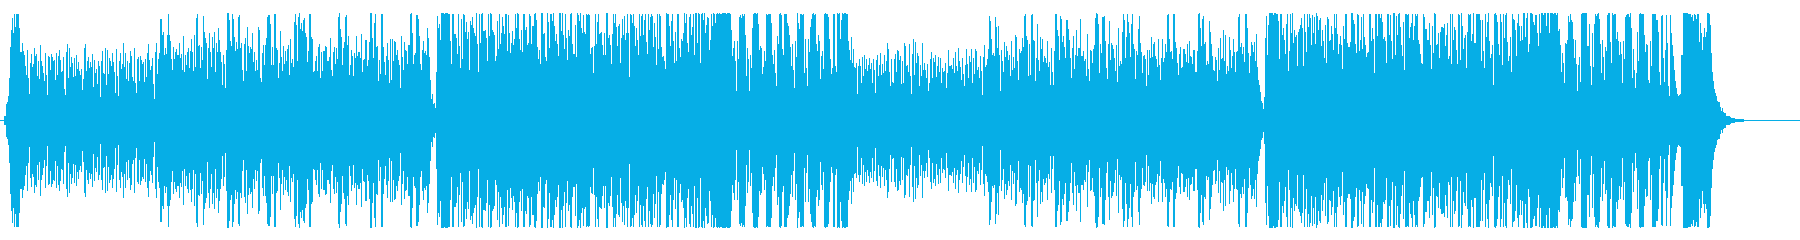 疾走感のあるバトル曲 アコーディオンの再生済みの波形